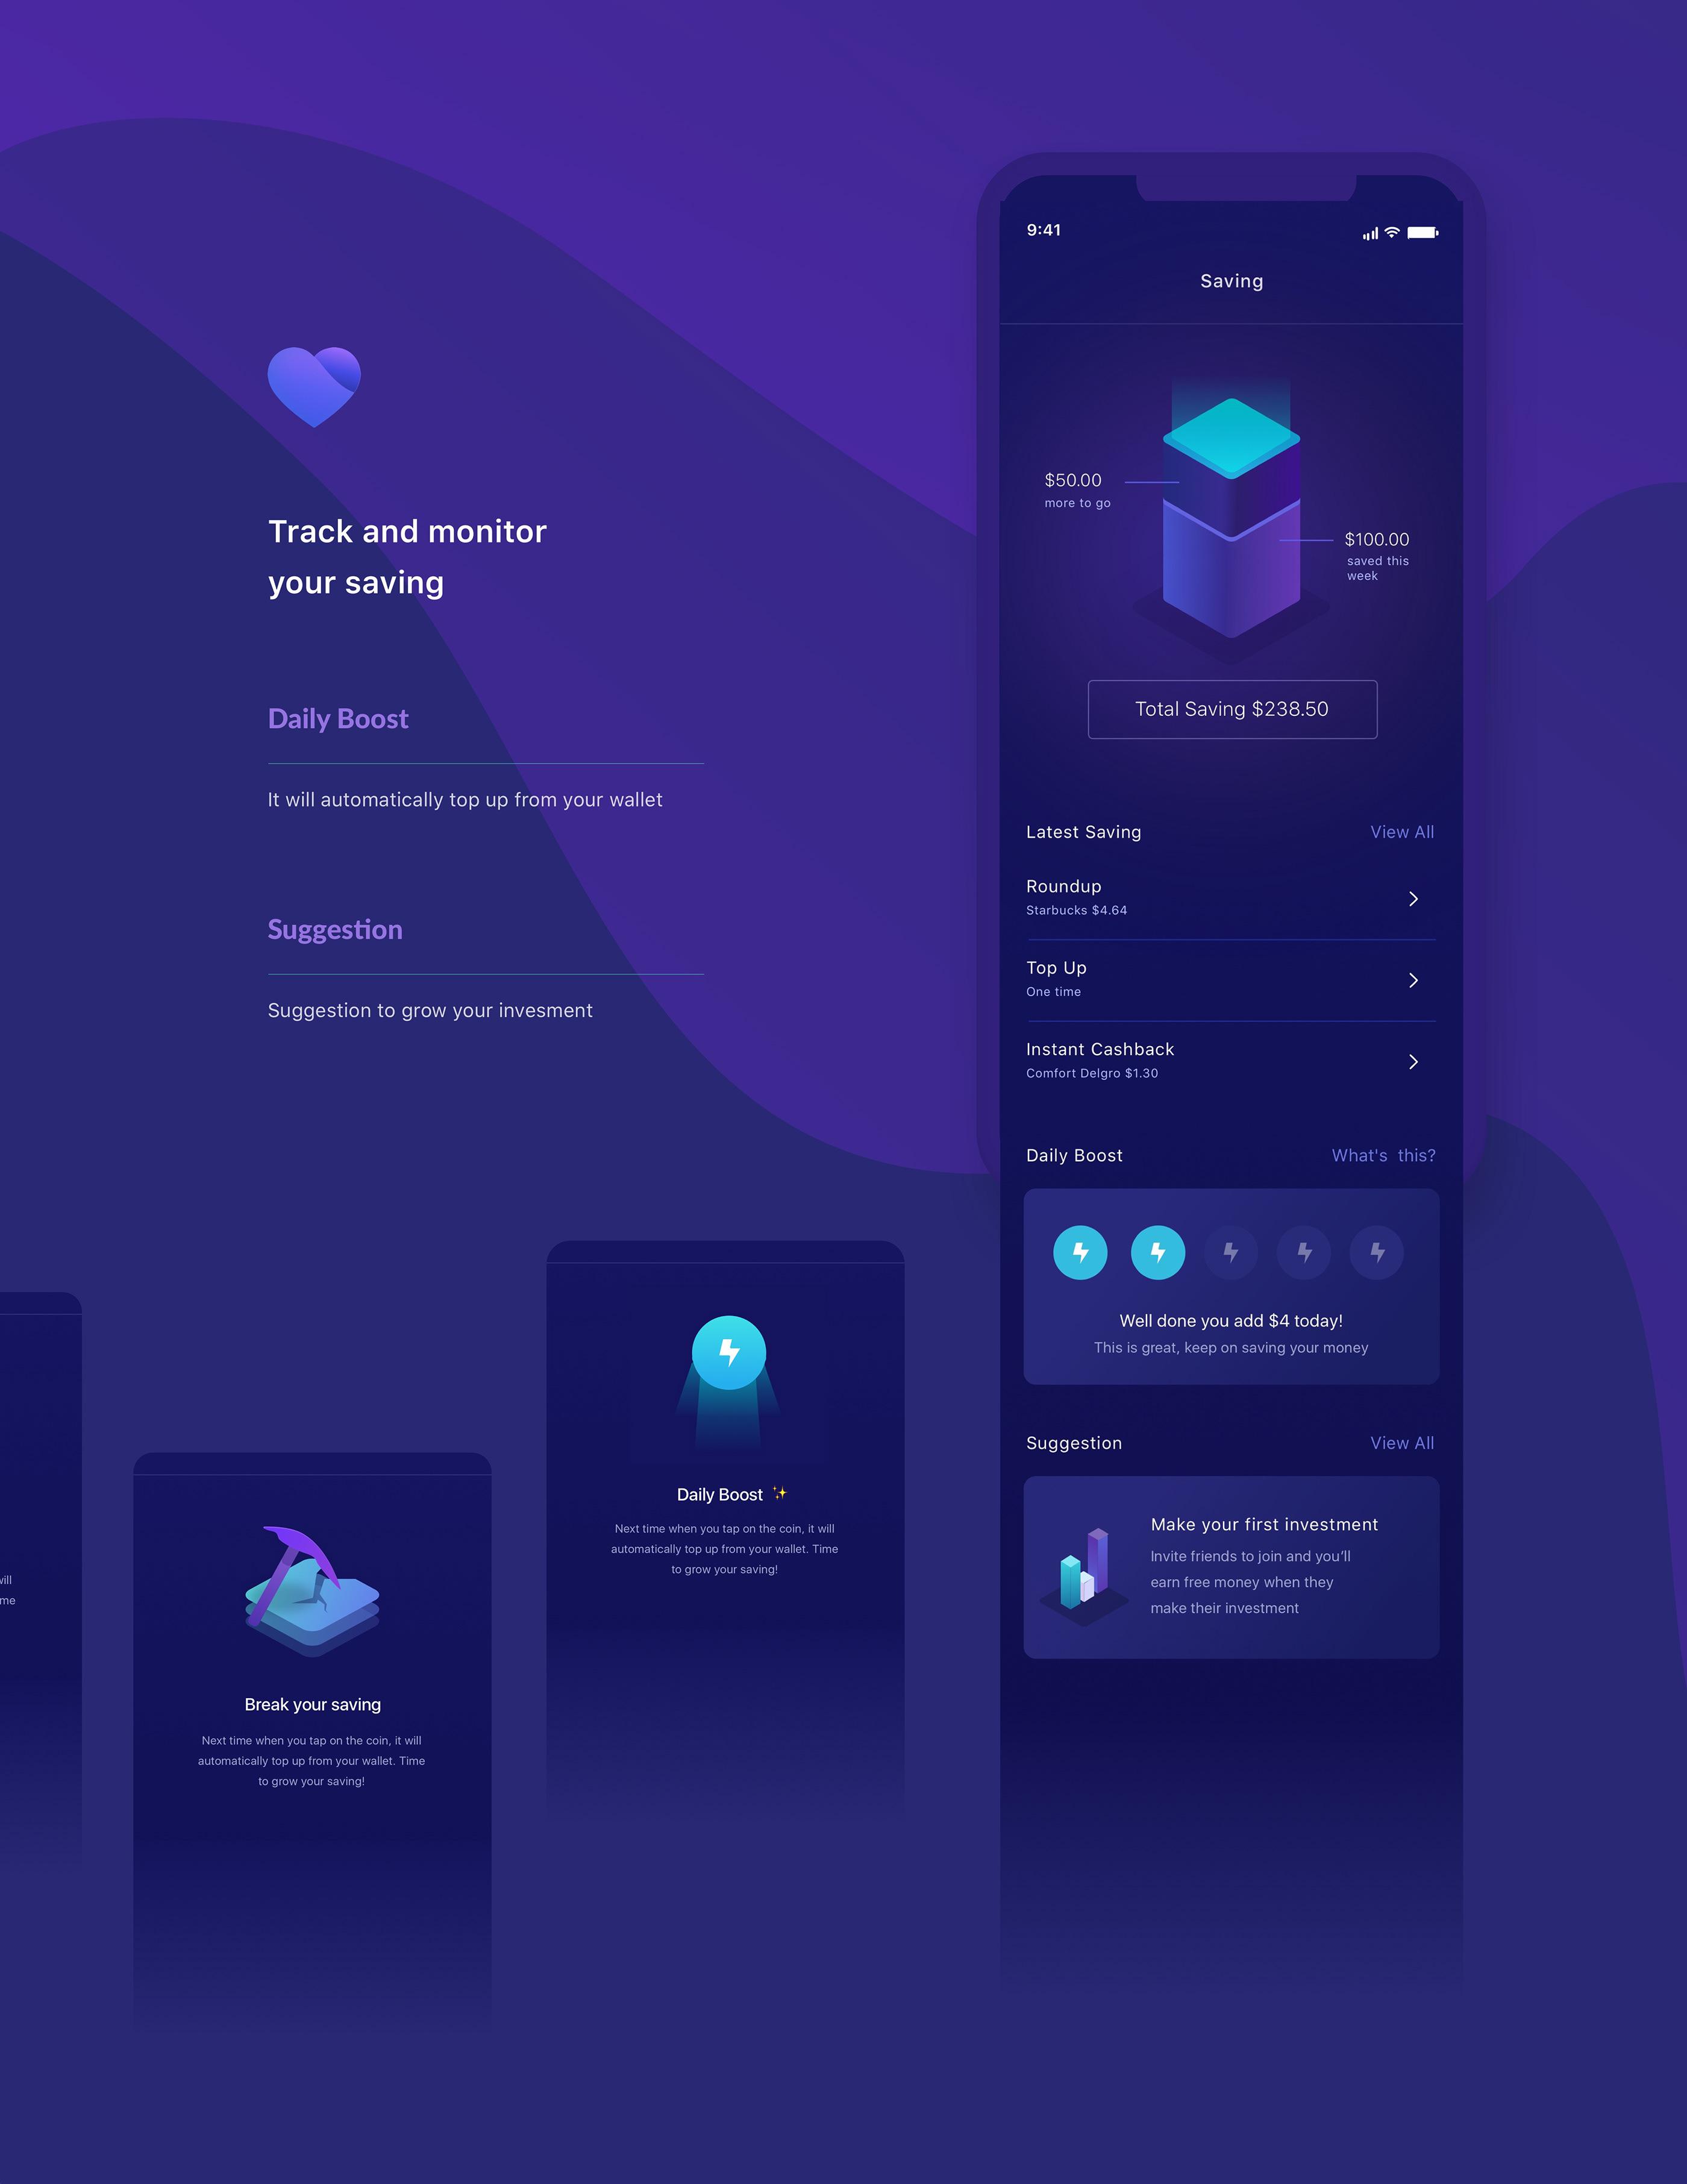 体育资讯_Invest Mobile App UI设计 - 视觉同盟(VisionUnion.com)